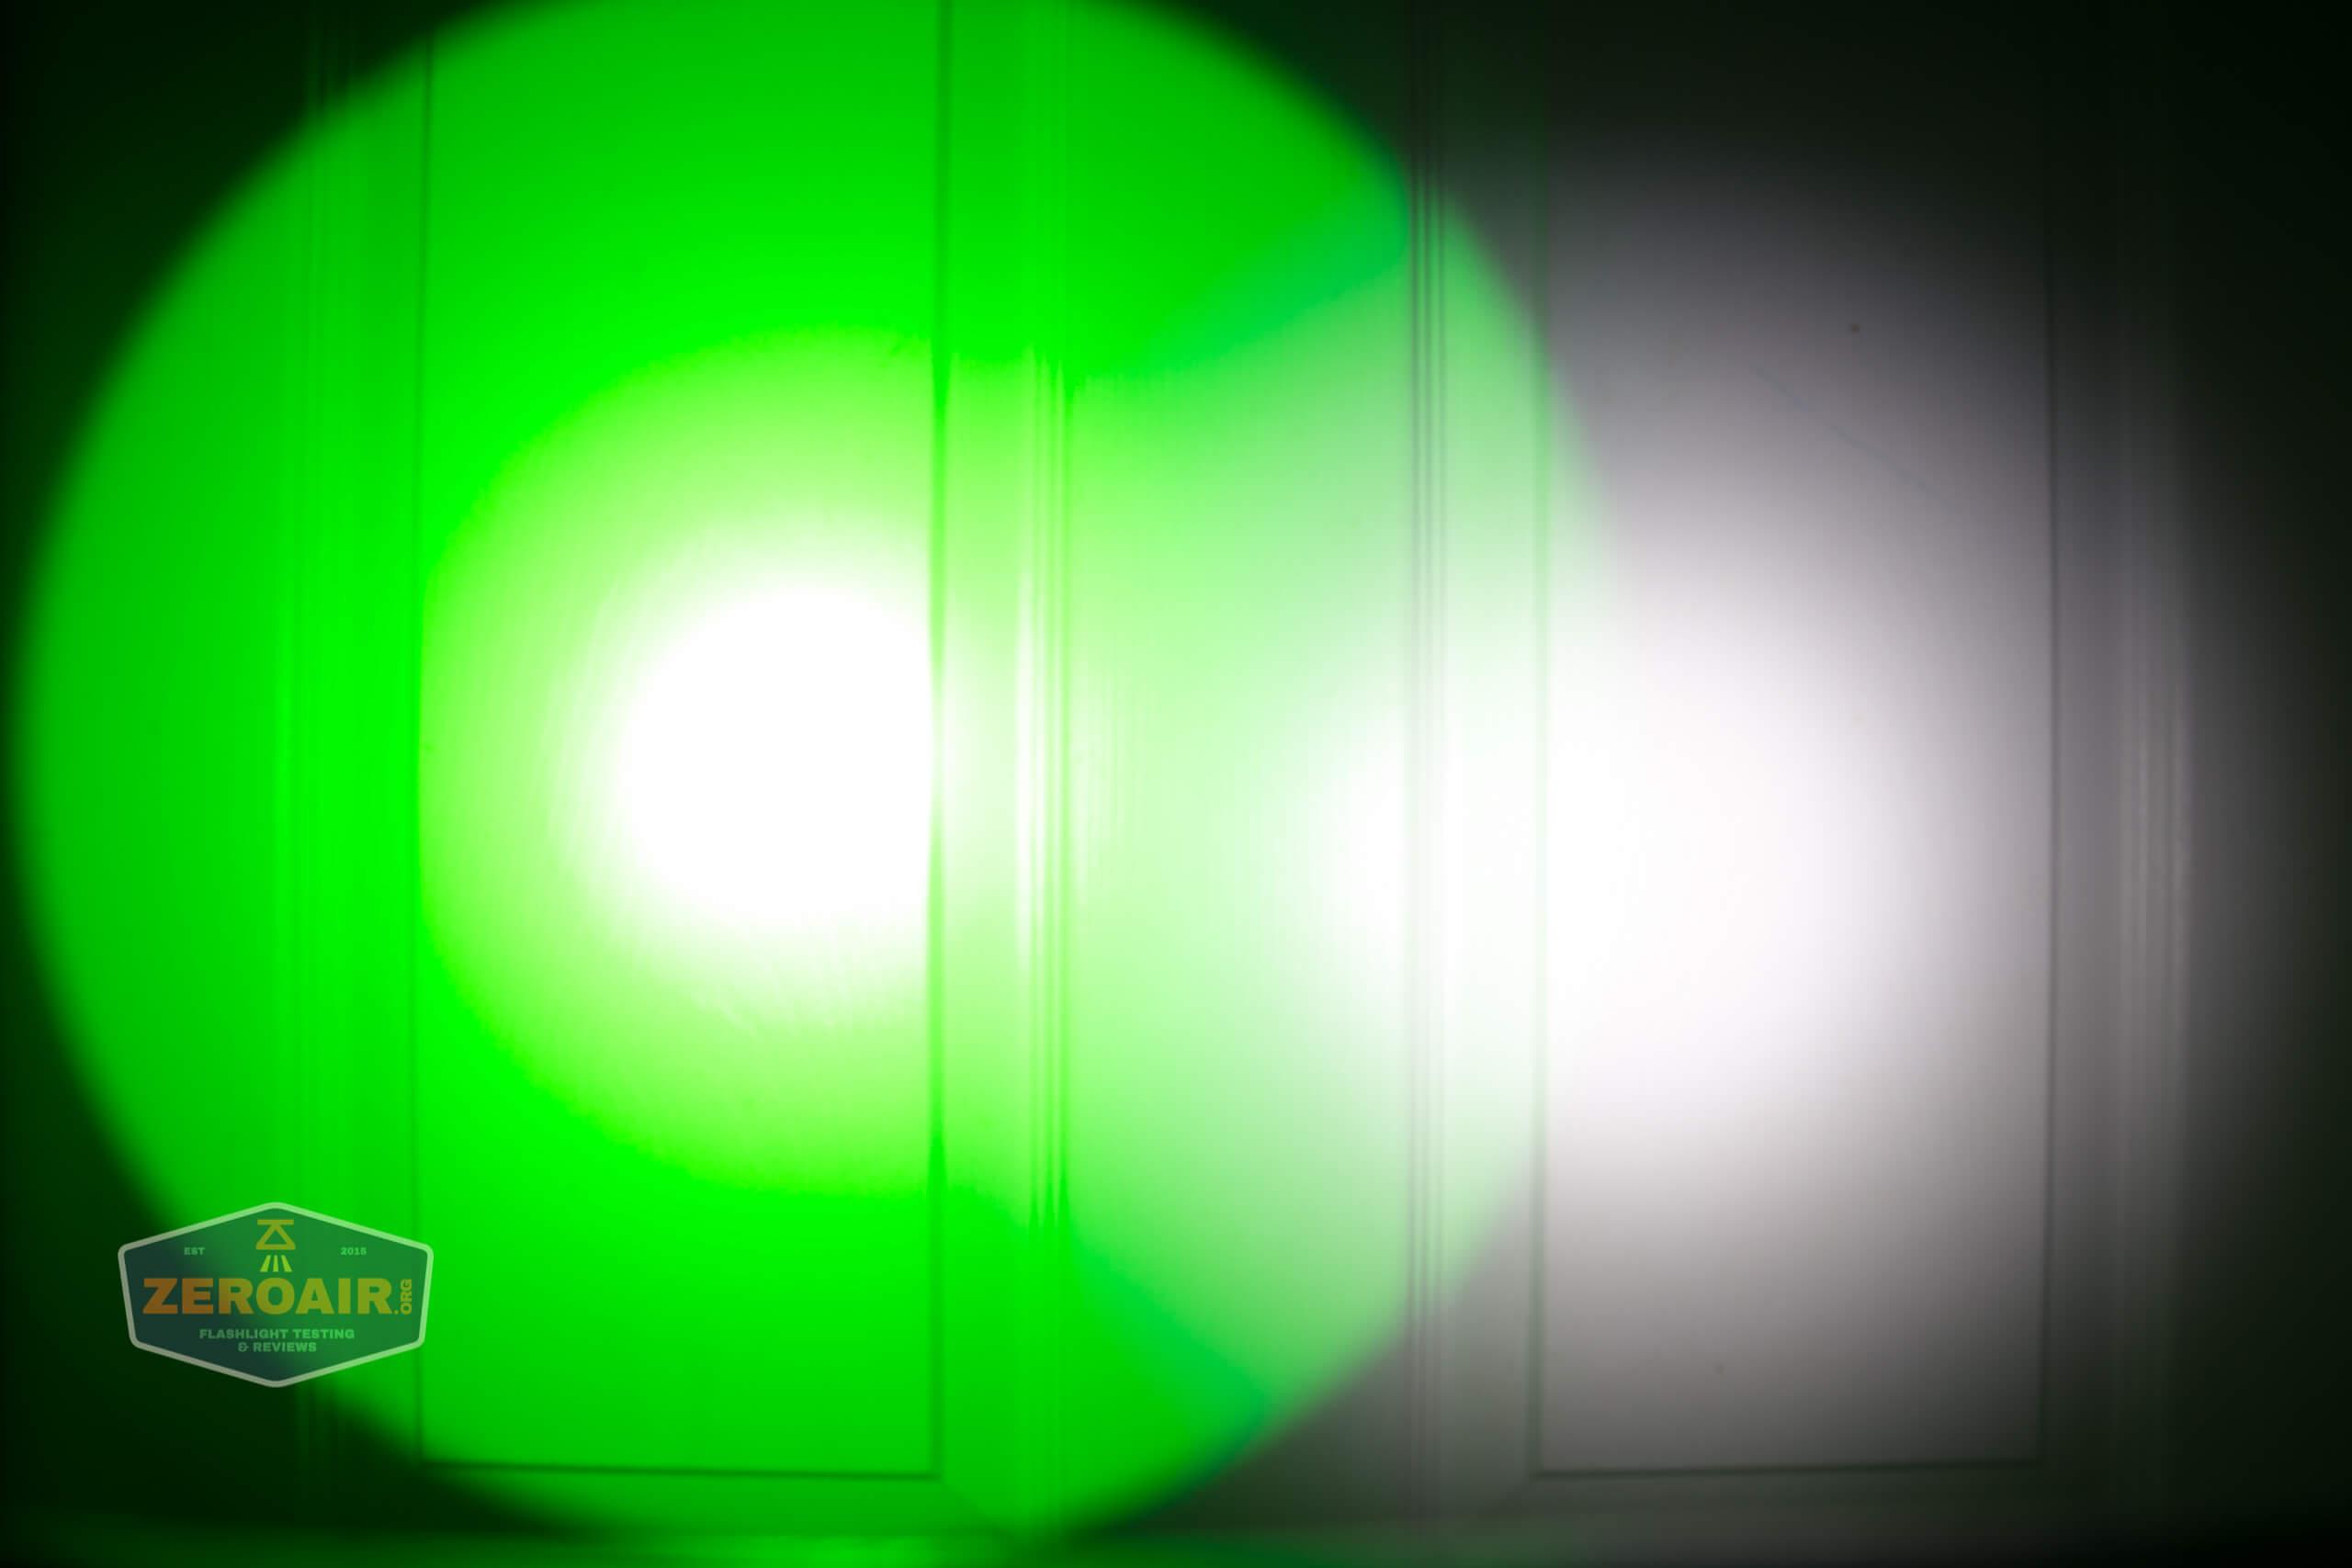 cyansky h5 green beamshot door 3